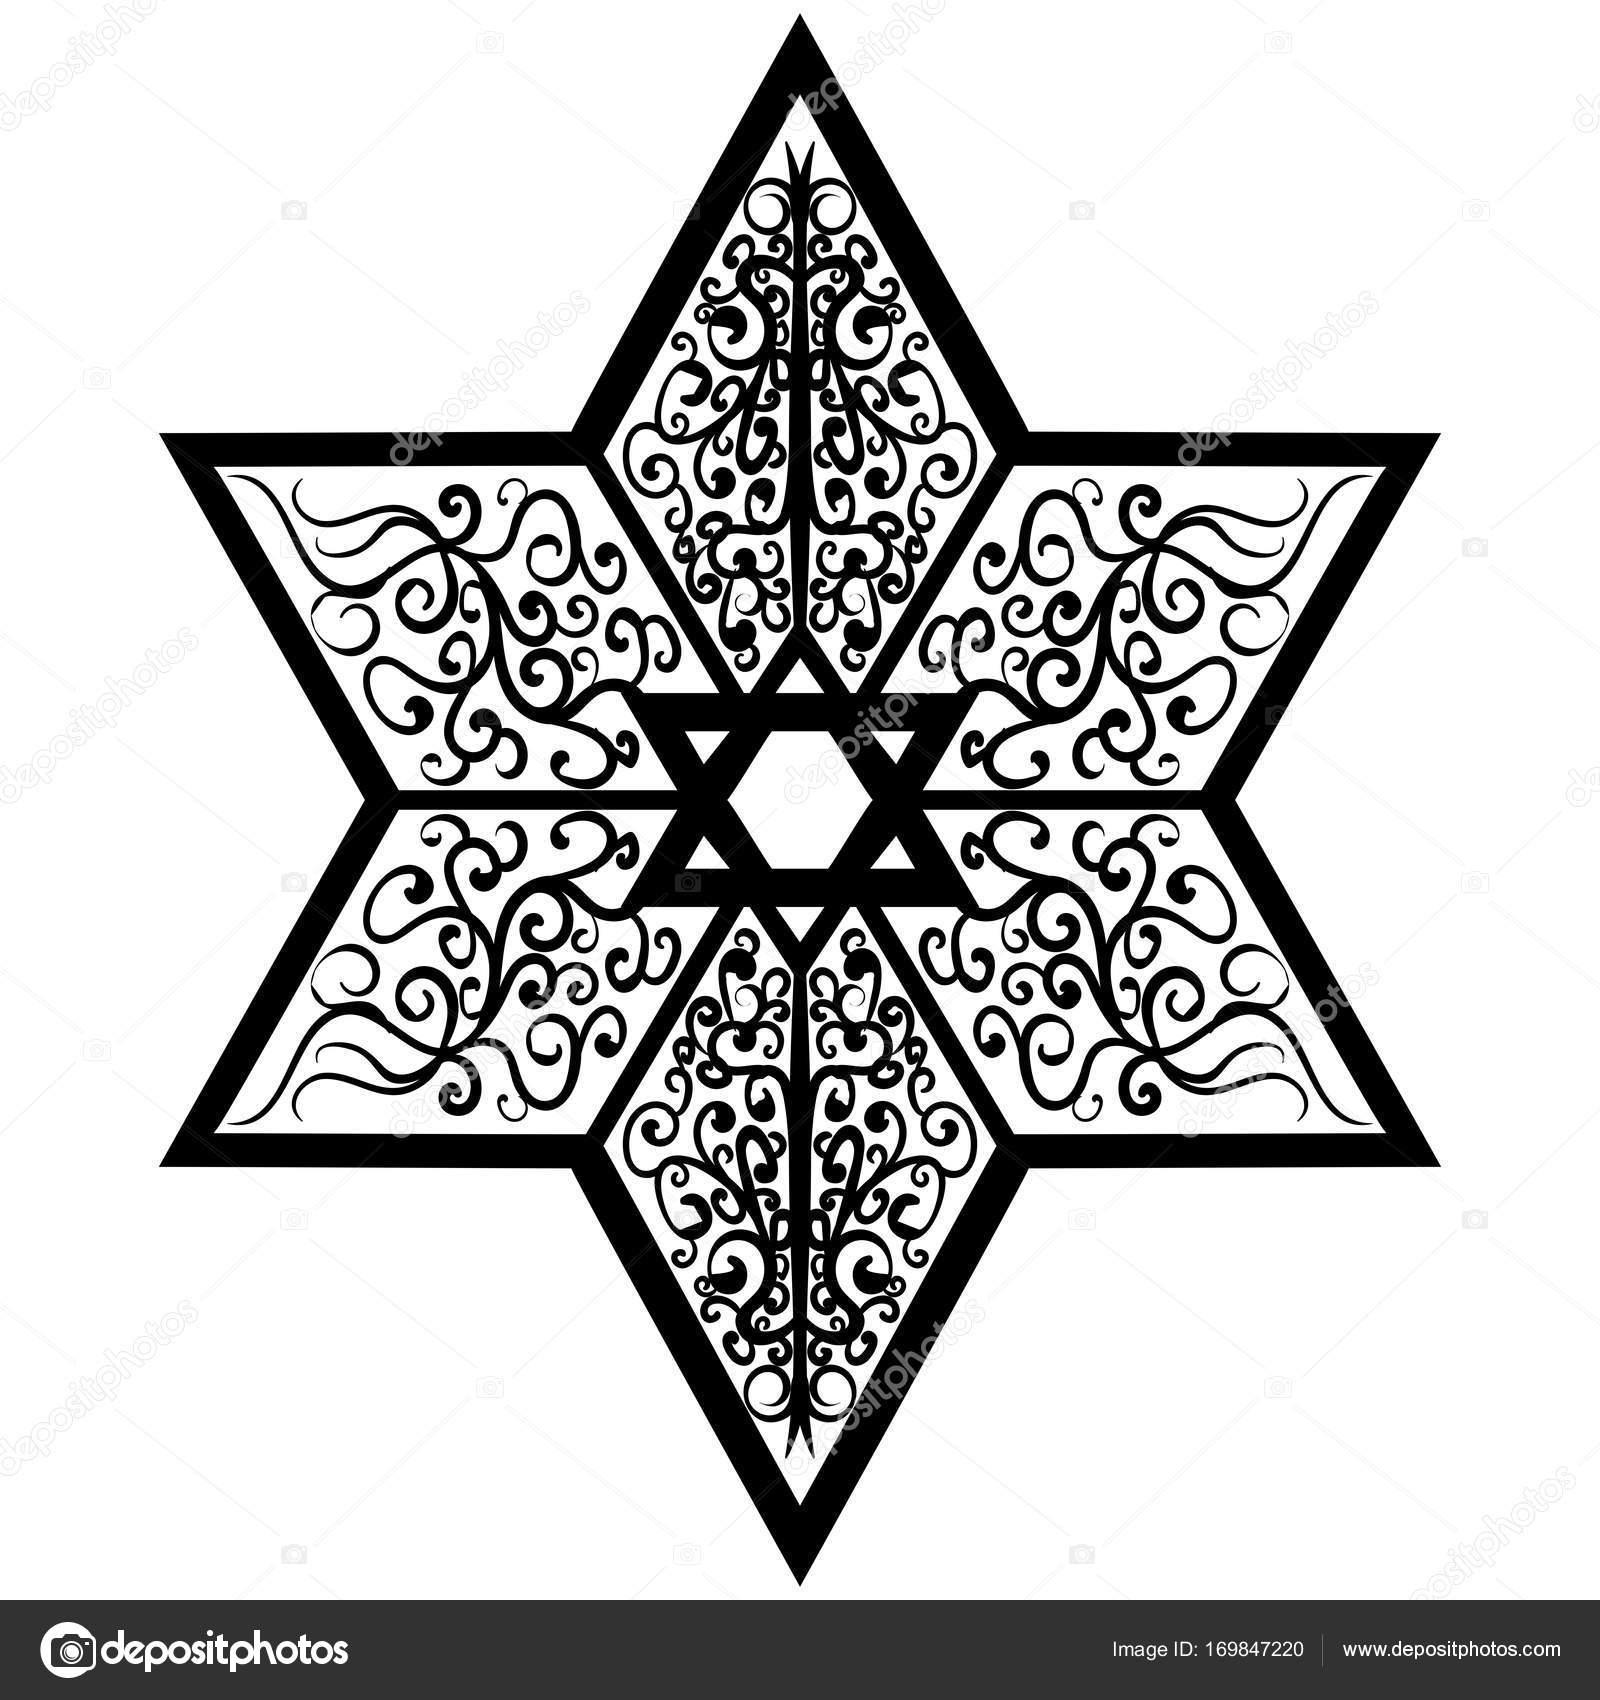 Dibujos Dibujo Estrella De David Estrella De Tatuaje Dibujo De